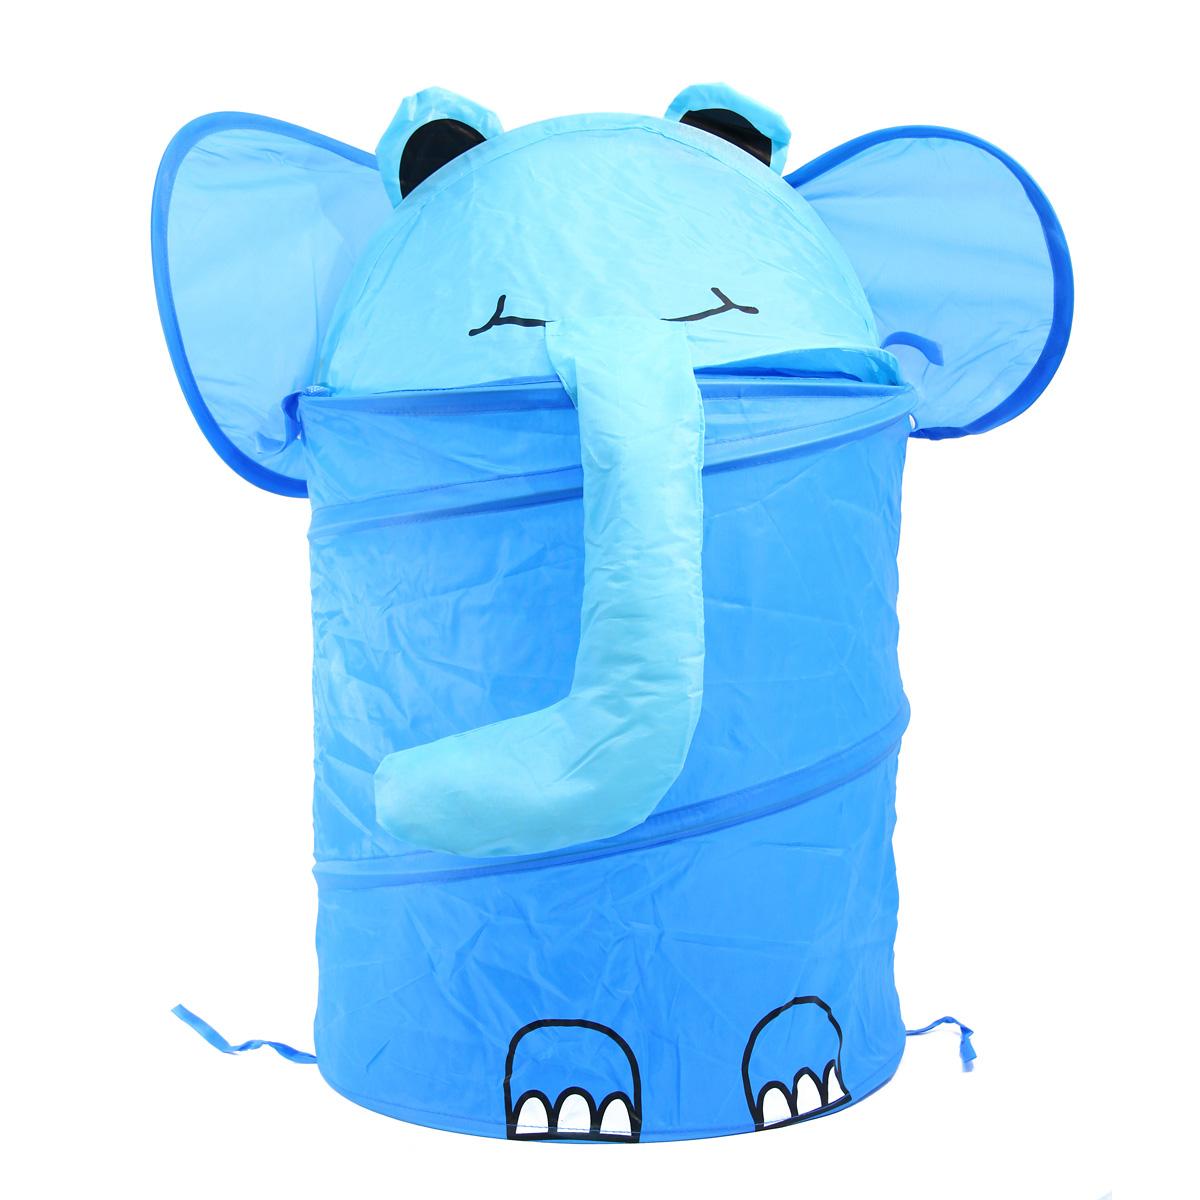 Корзина для игрушек - СлонКорзины для игрушек<br>Корзина для игрушек - Слон<br>